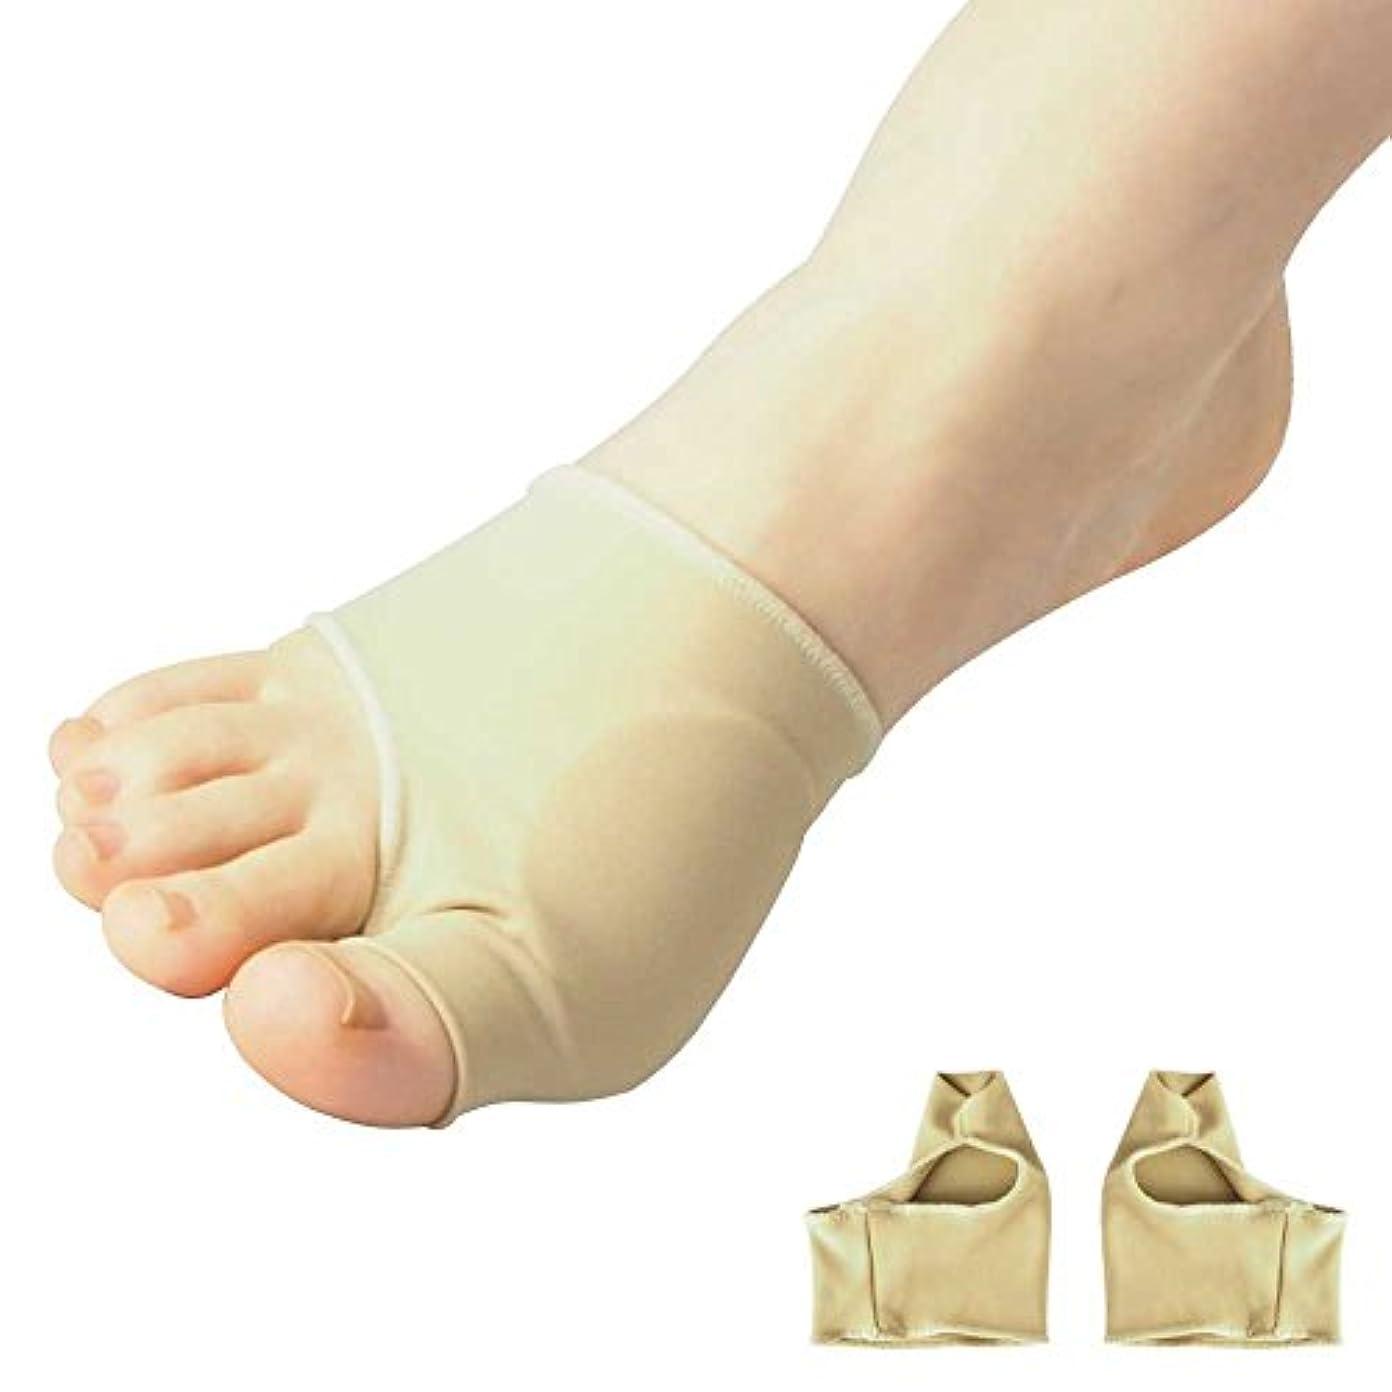 適応印象派本外反母趾 フットケア サポーター 靴擦れ対策 (S)